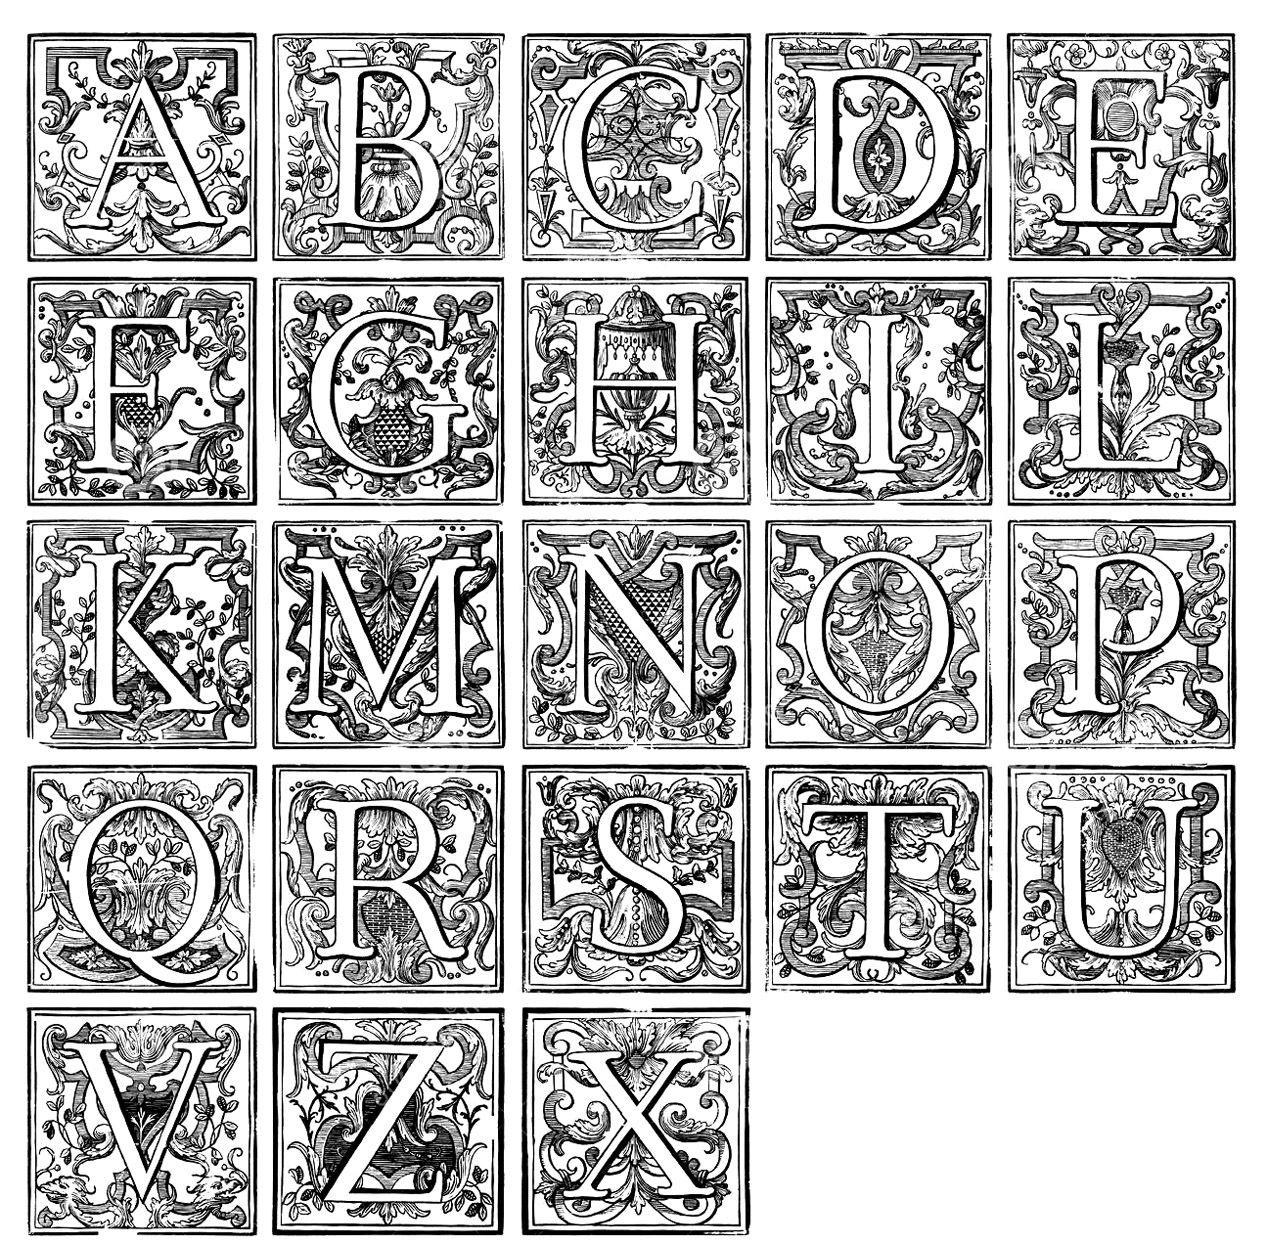 Galerie de coloriages gratuits coloriage alphabet vintage ancien alphabet agr ment de divers - Alphabet coloriage ...